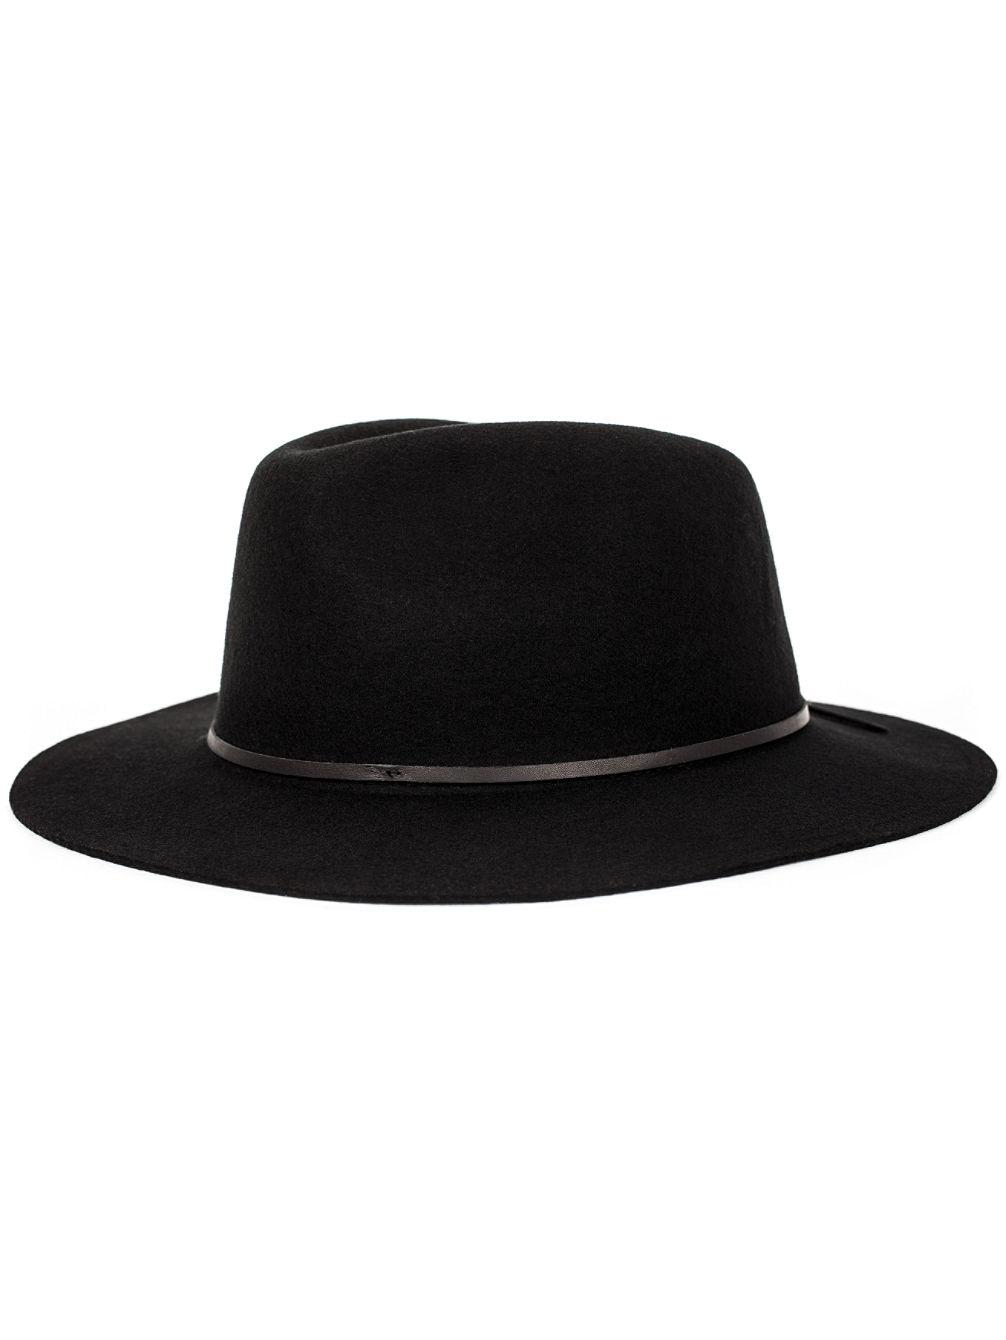 brixton-wesley-hat